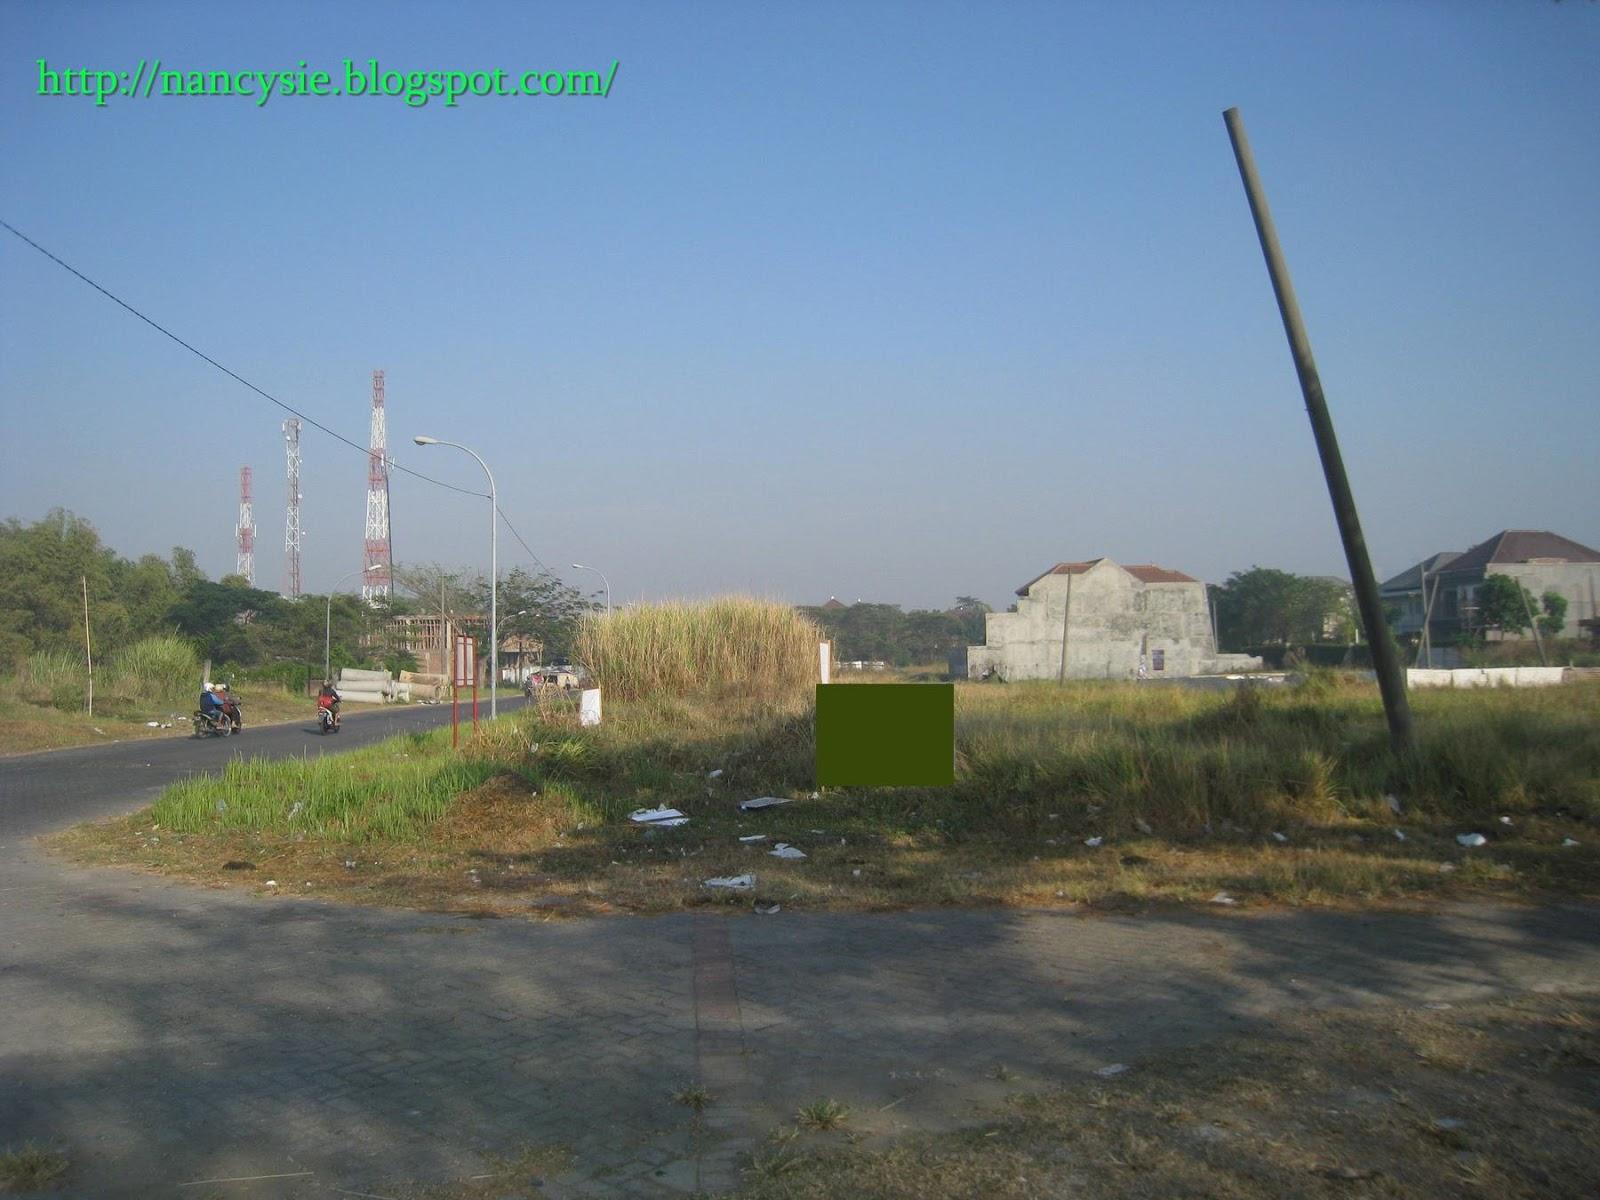 agent jual beli sewa rumah apartemen ruko tanah gudang surabaya dan sekitar tanah dijual